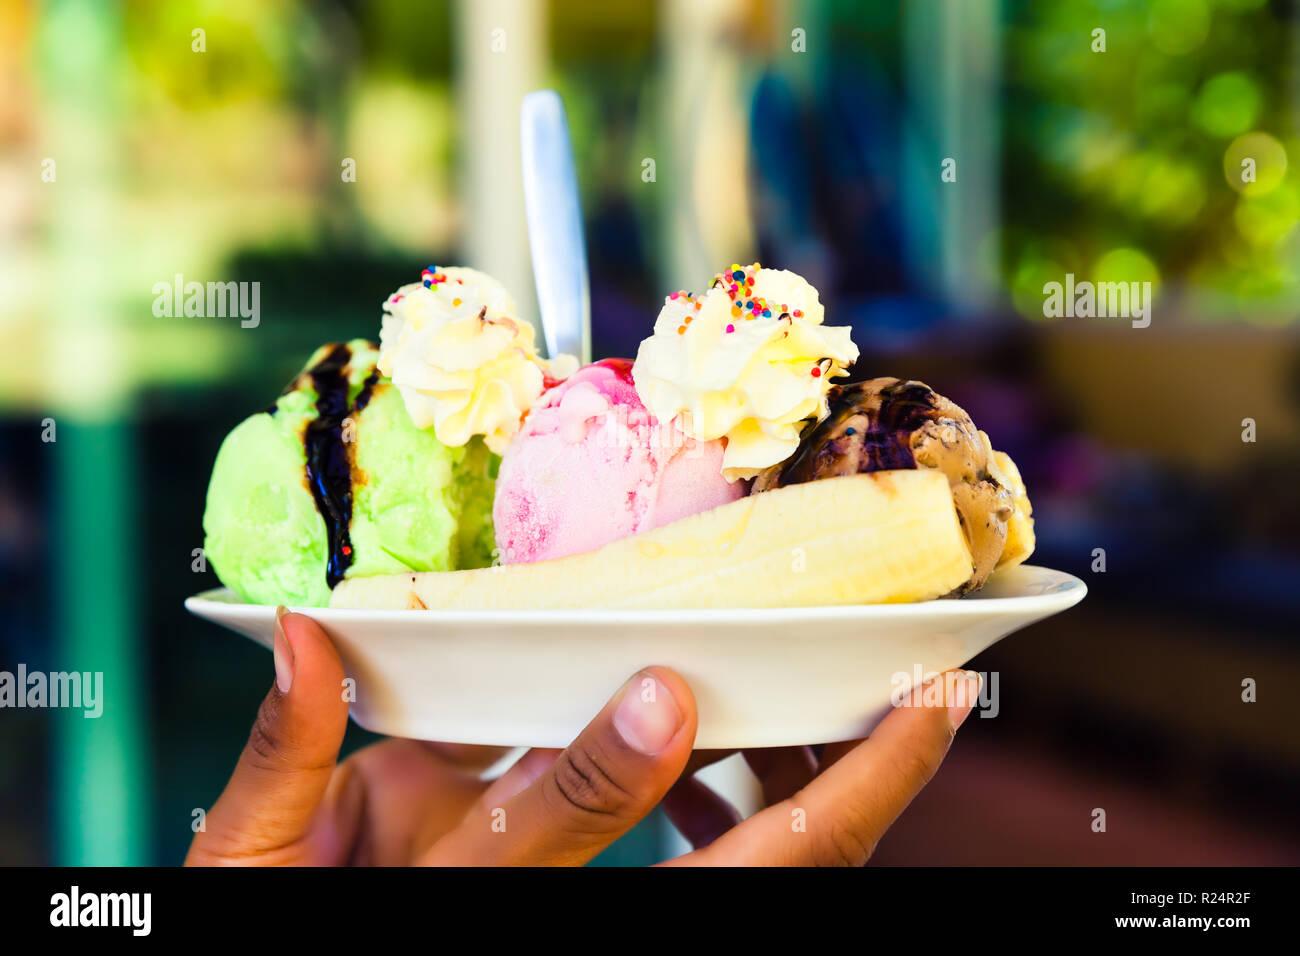 Naturali freschi gelati nella donna la mano sul bellissimo sfondo sfocato Immagini Stock